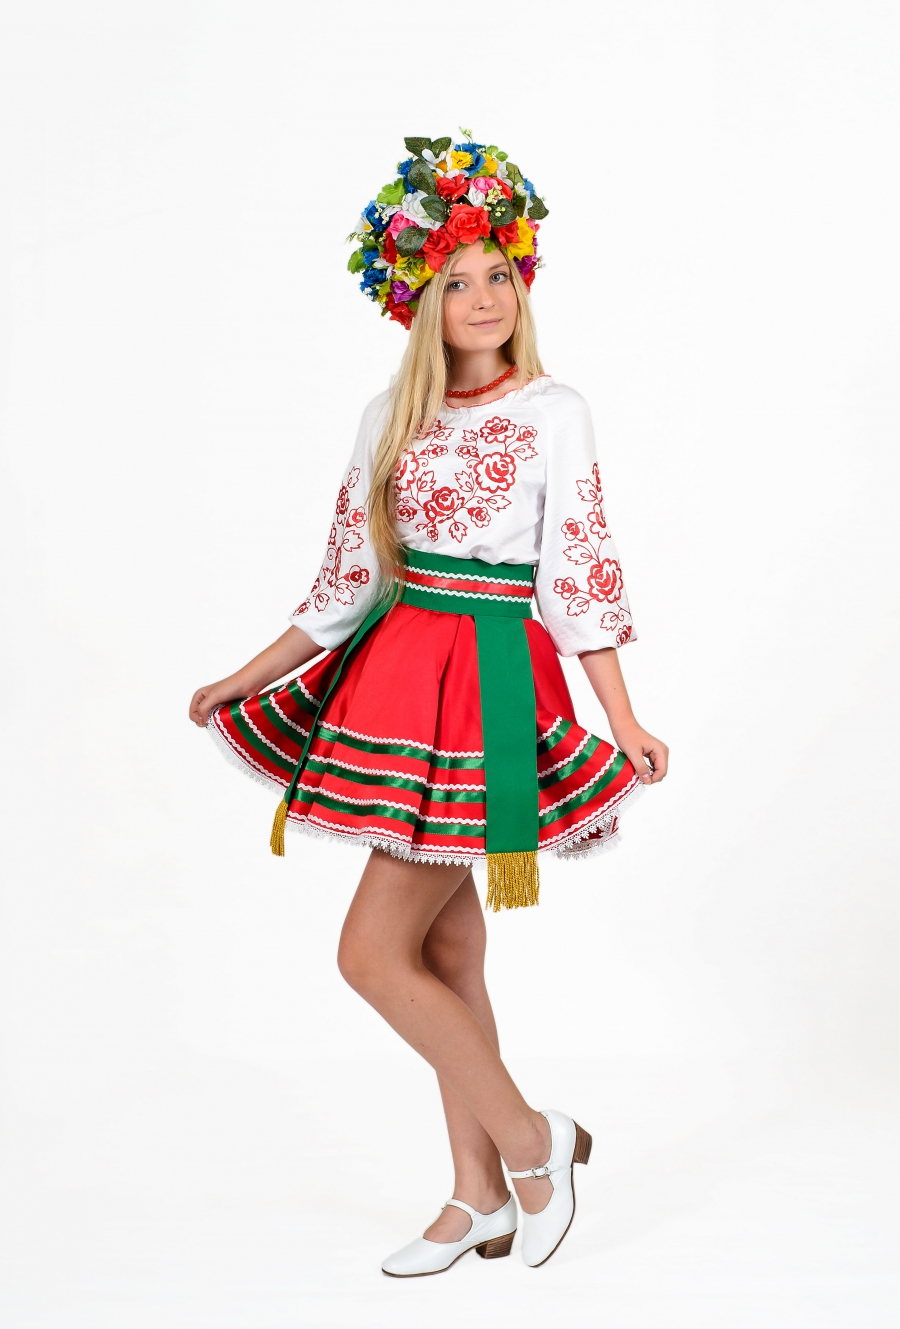 ukrainskie kostyumy ot proizvoditelya ukraina.  ukrainskie kostyumy ot proizvoditelya ukraina.  ukrainskie kostyumy ot proizvoditelya ukraina 83ae7c16395c9